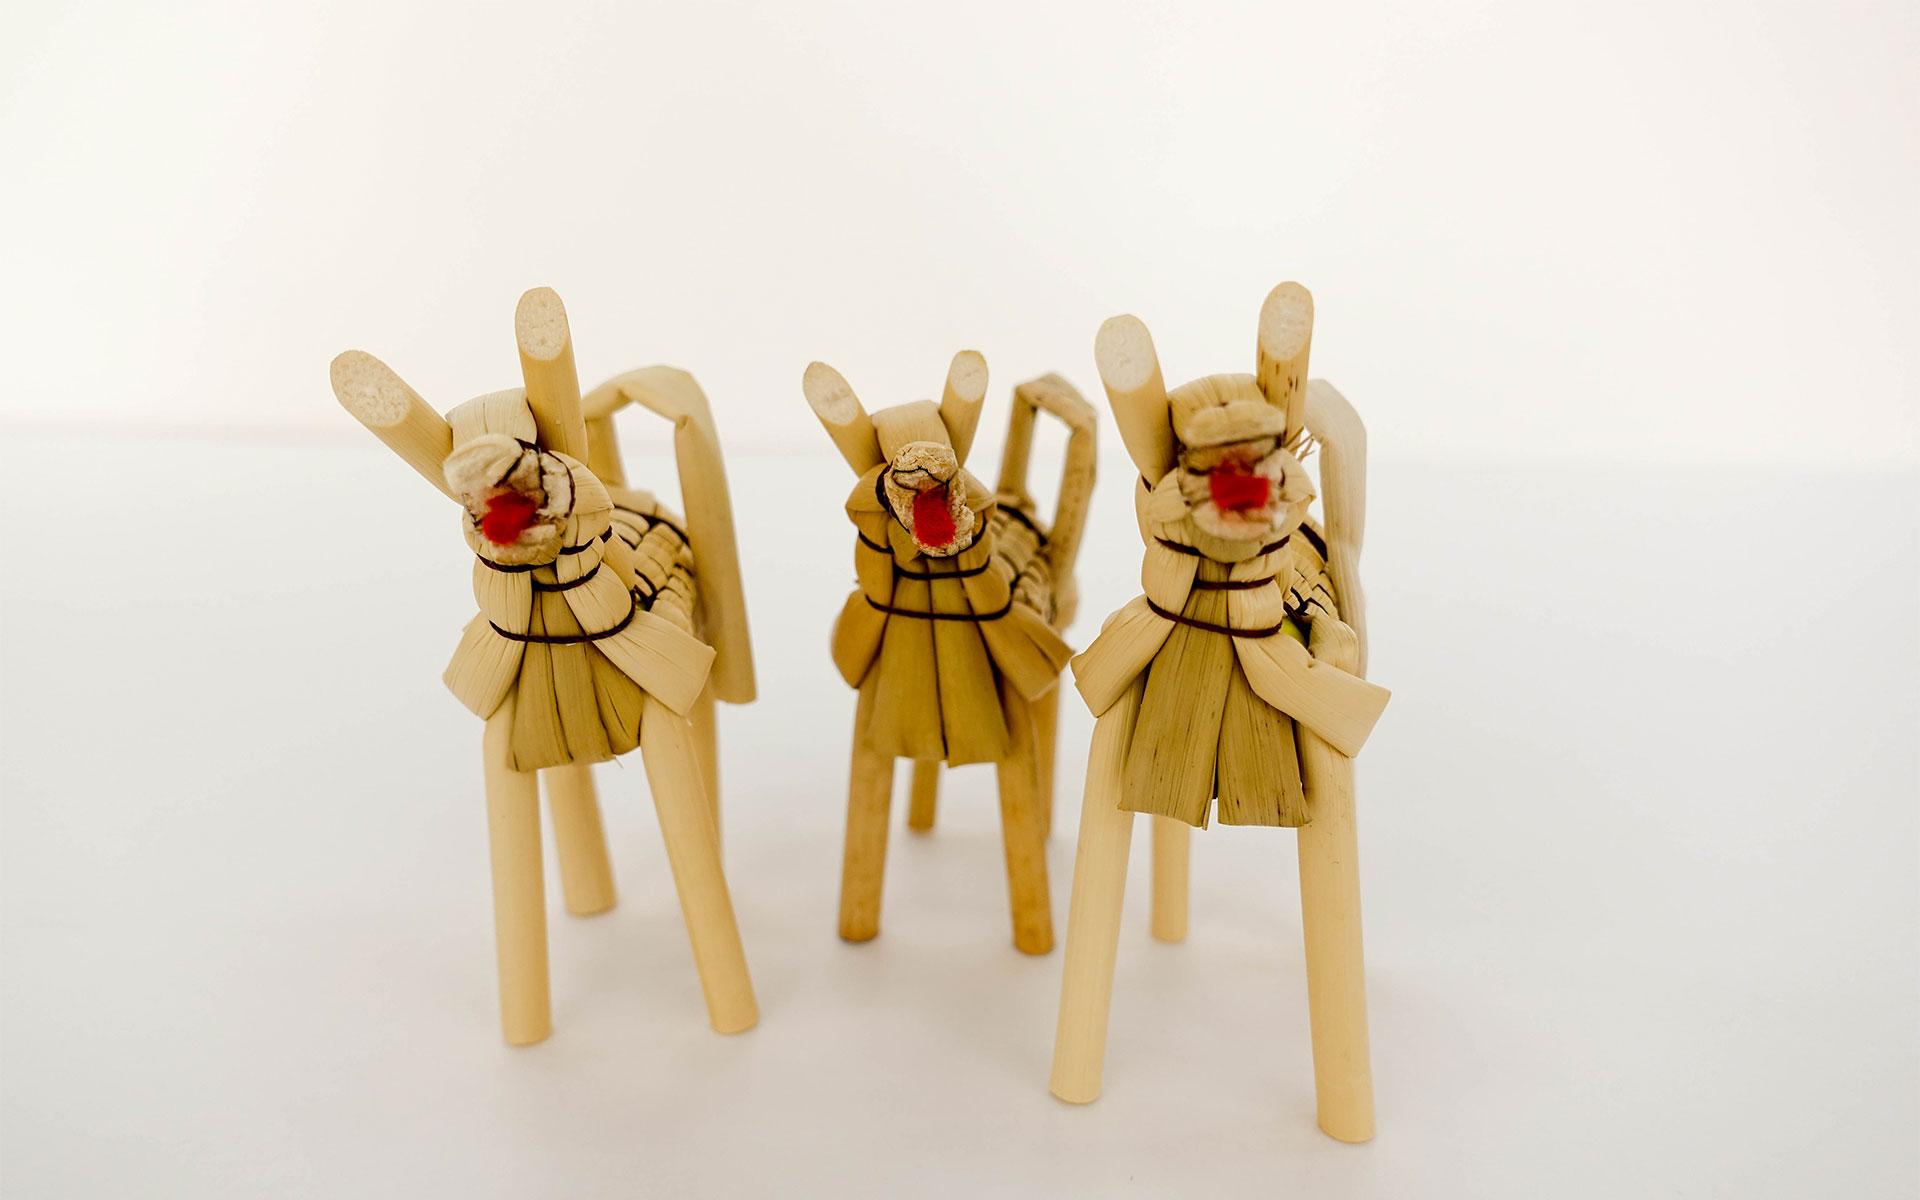 嫁入り道具から生まれた縁起もの、栃木の「きびがら細工」